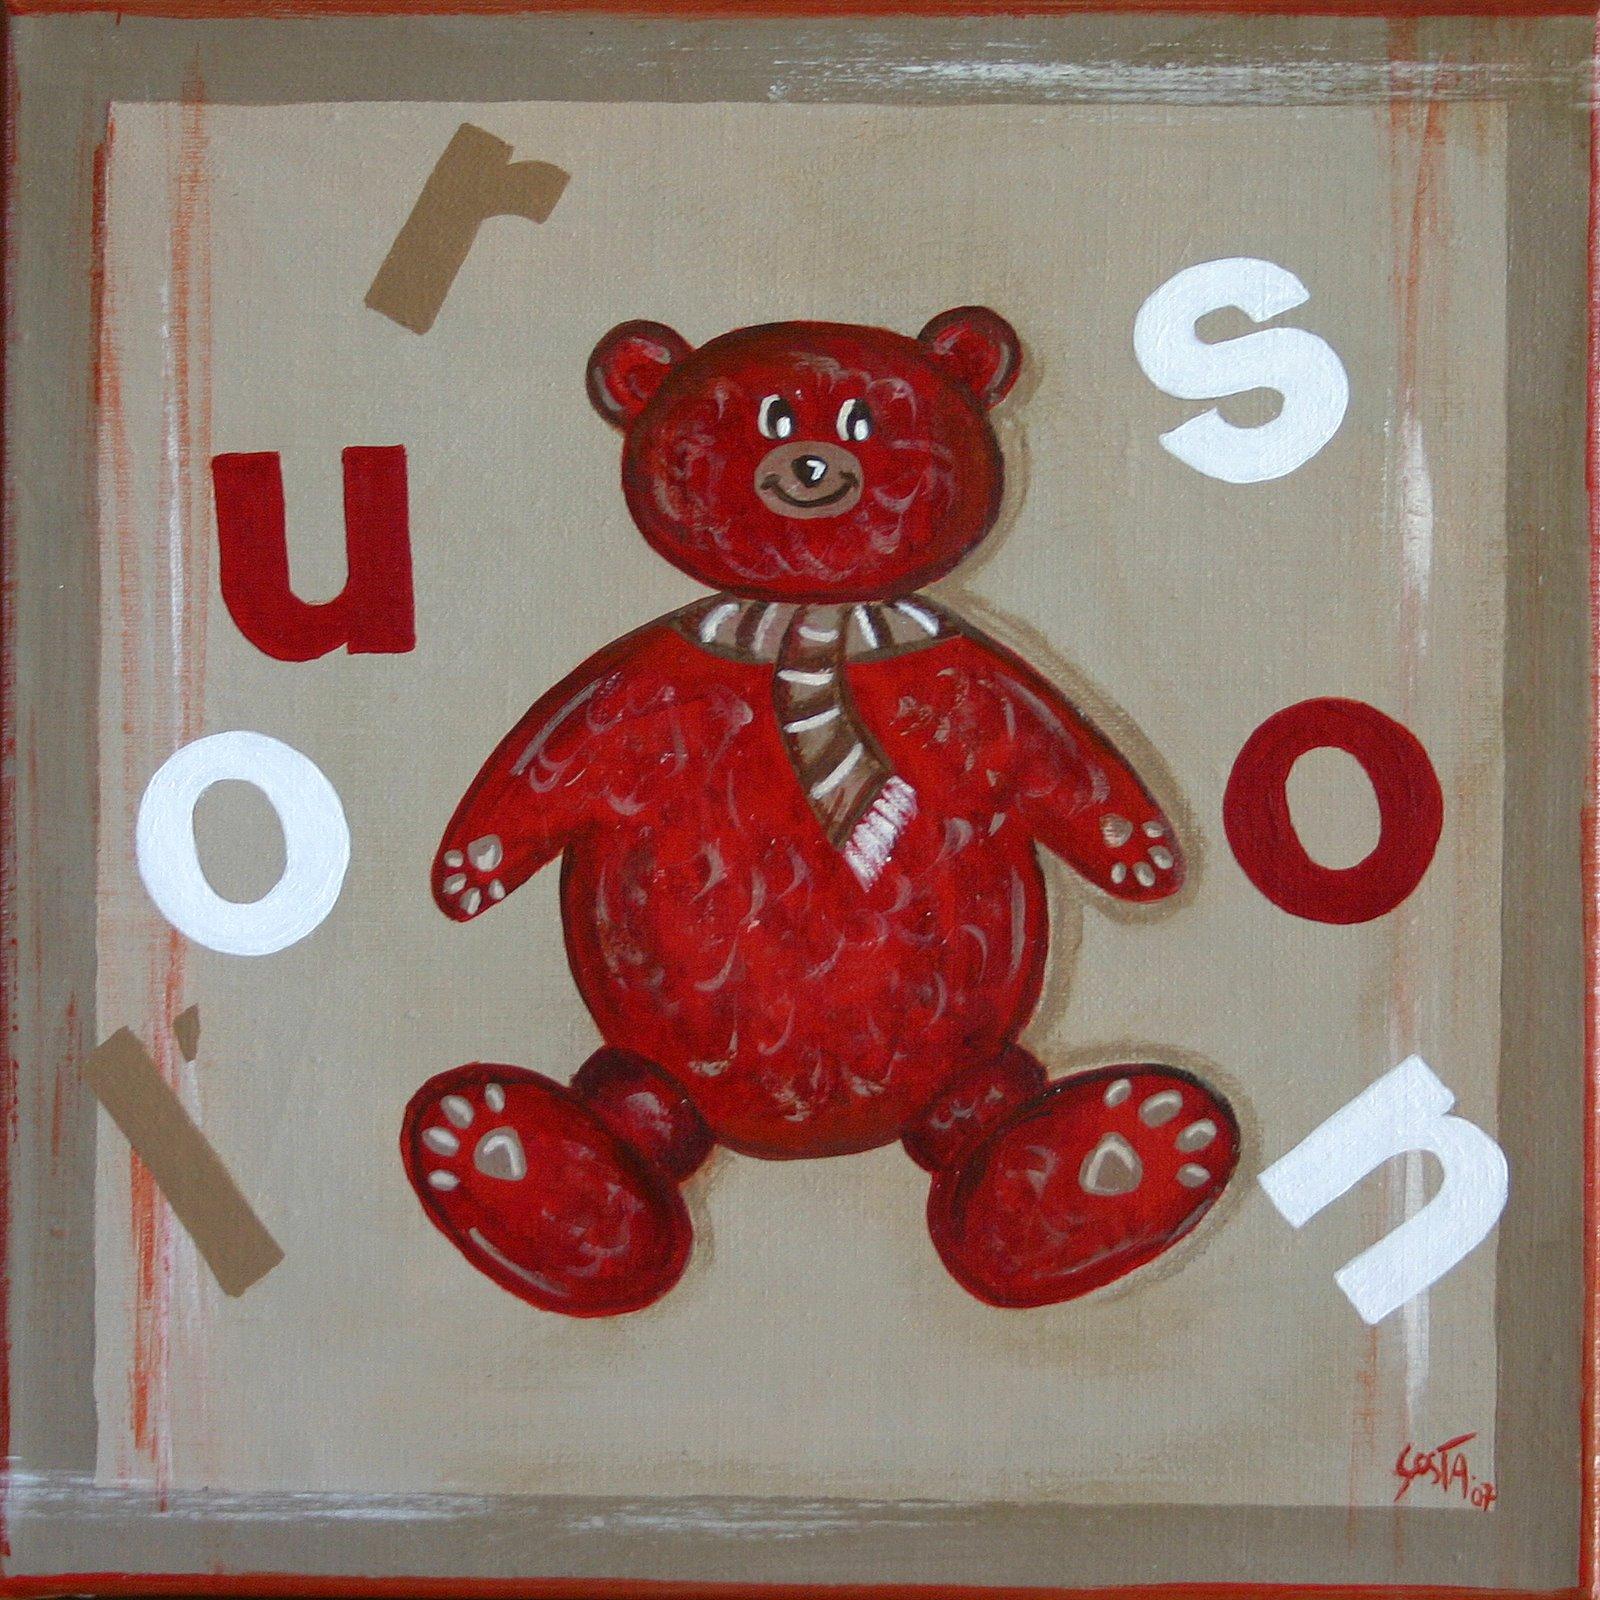 Tableau Contemporain, L'ourson rouge. Sophie Costa, artiste peintre.